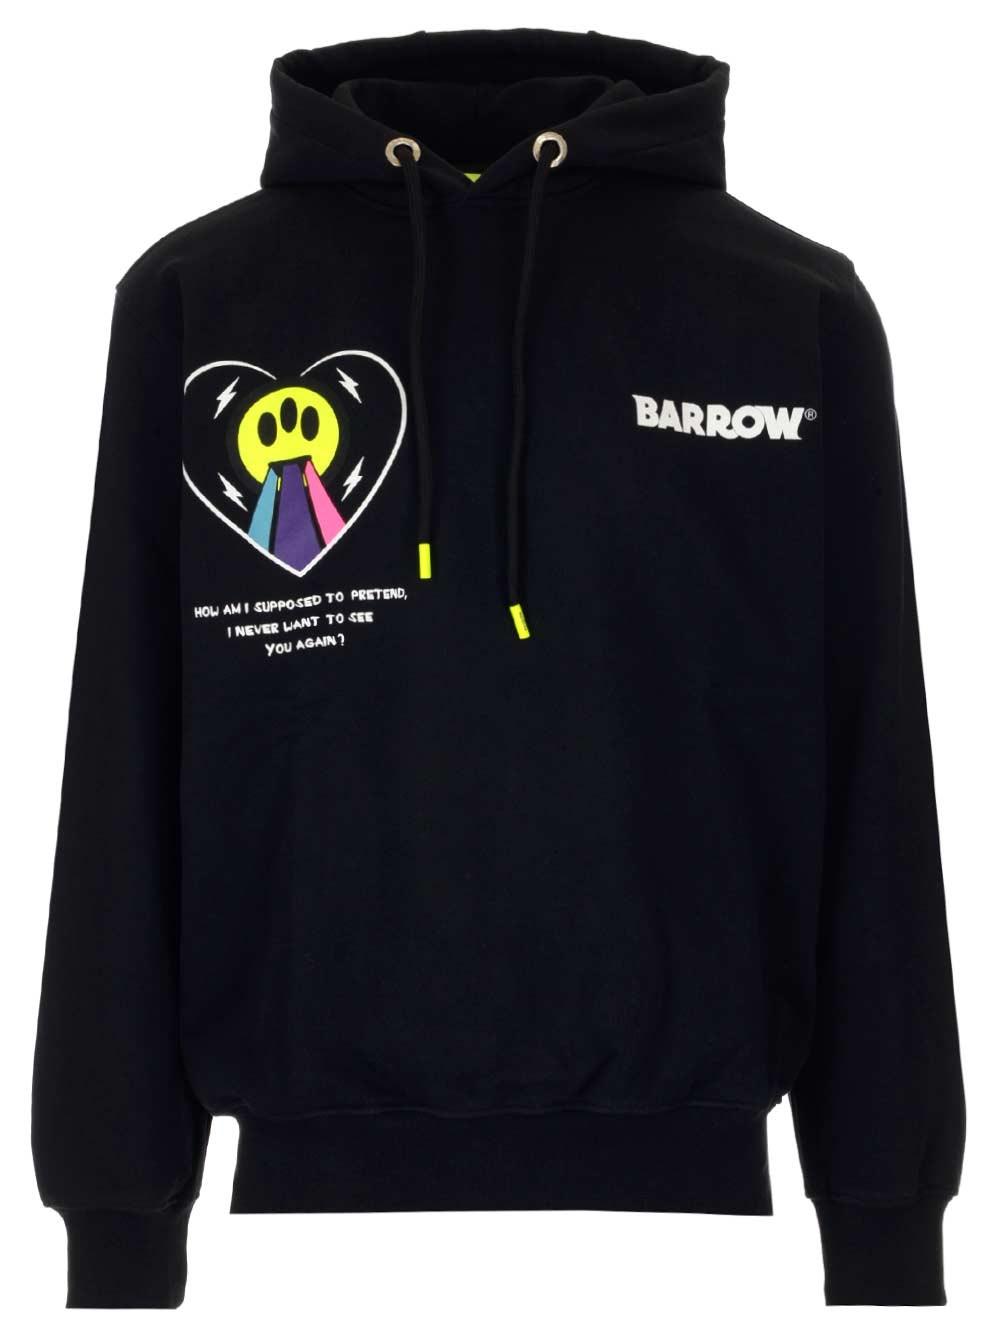 BARROW Smile Print Hoodie